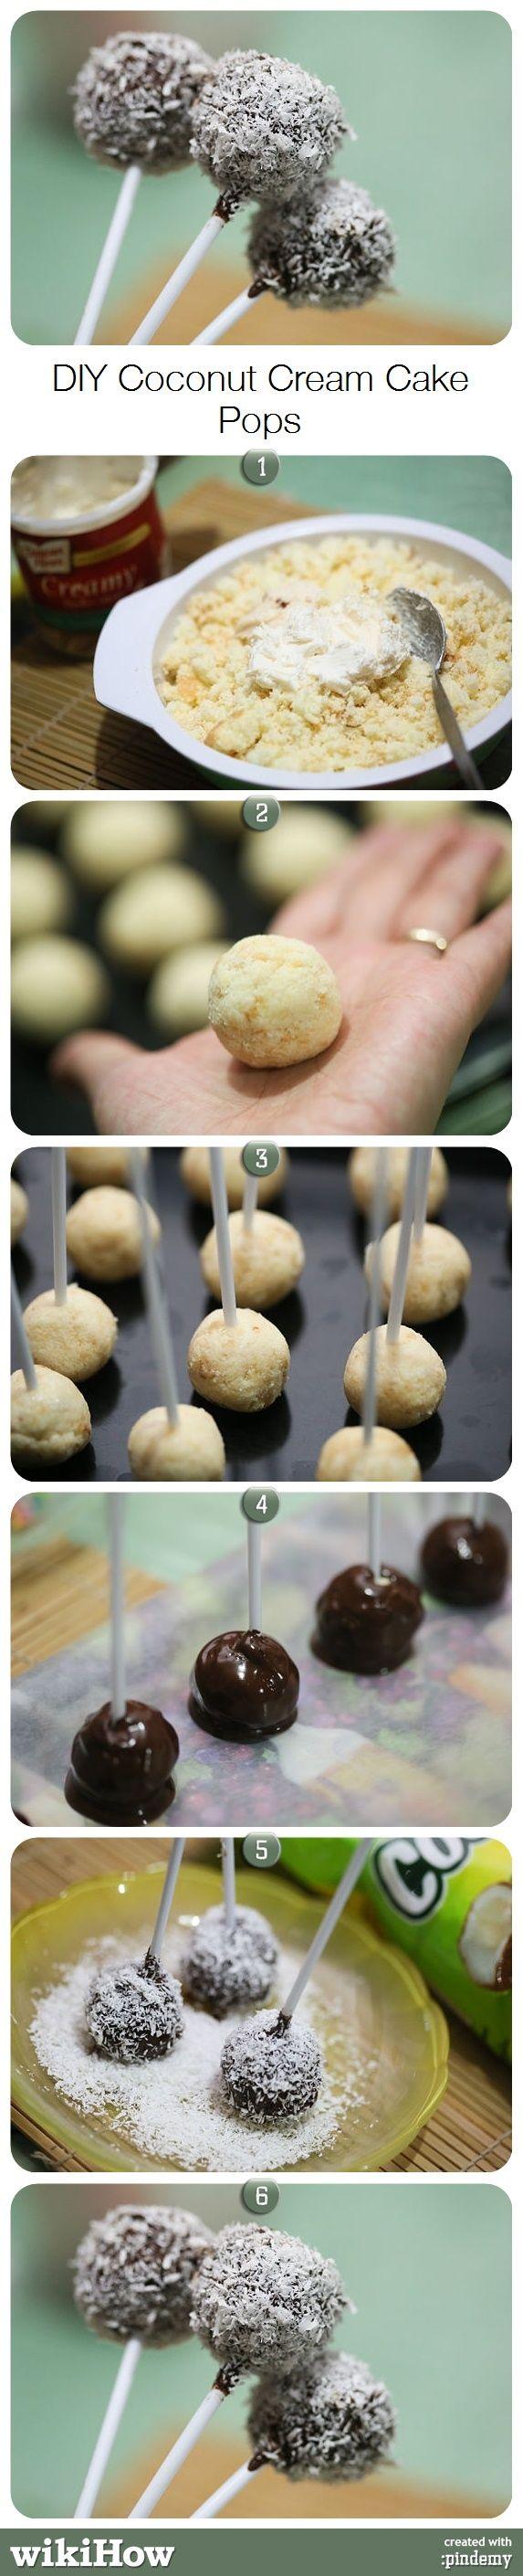 DIY Coconut Cream Cake Pops via pindemy.com